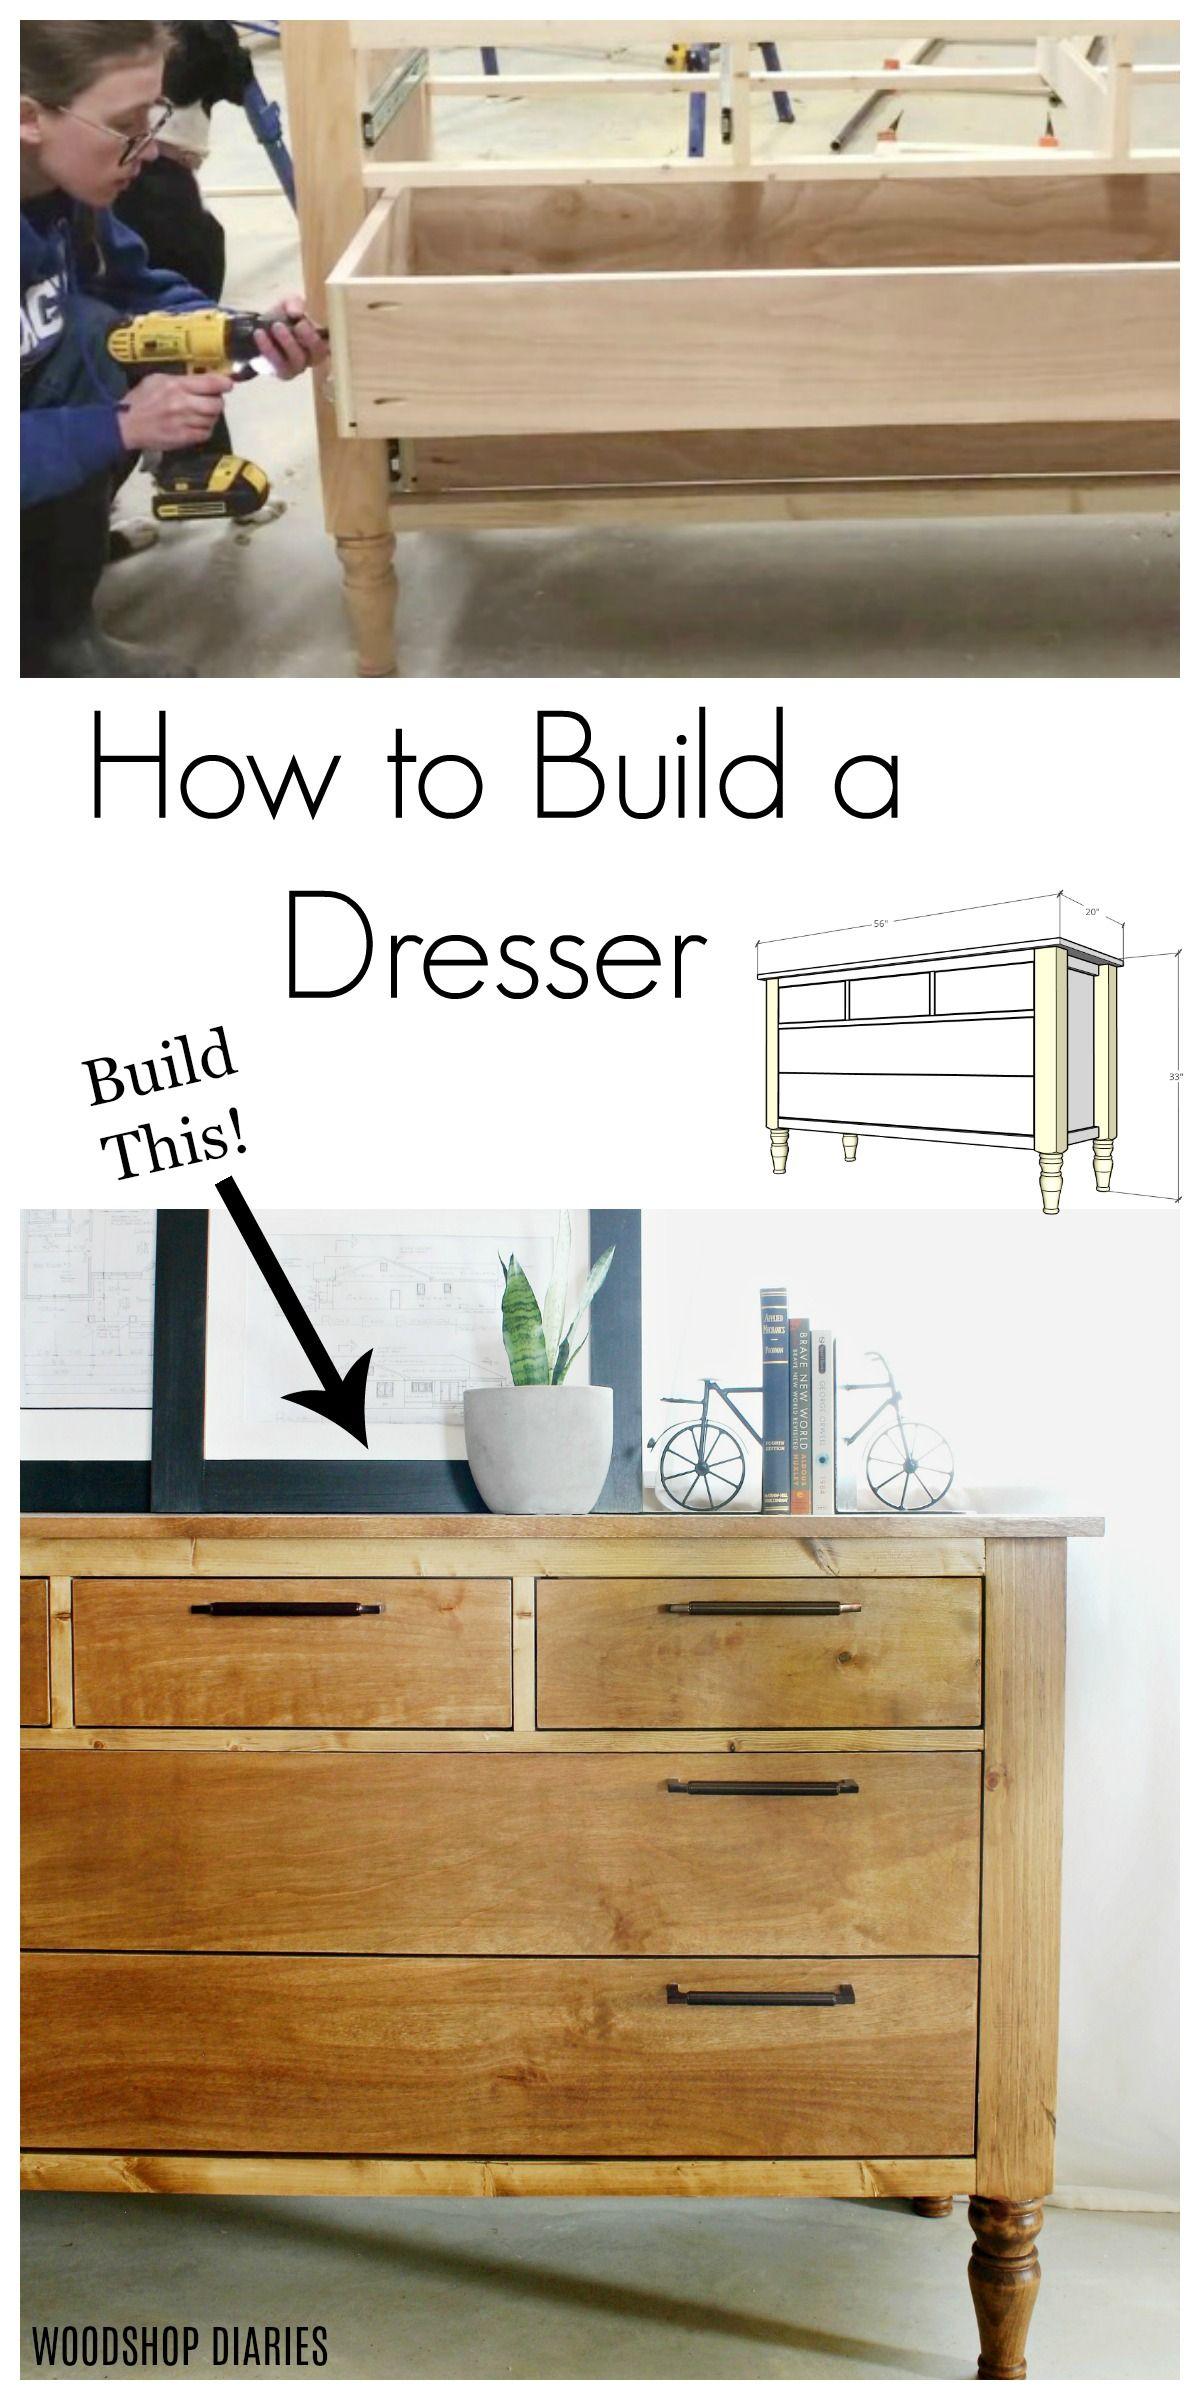 How To Build A Dresser Diy Dresser Build Diy Dresser Diy Furniture Plans